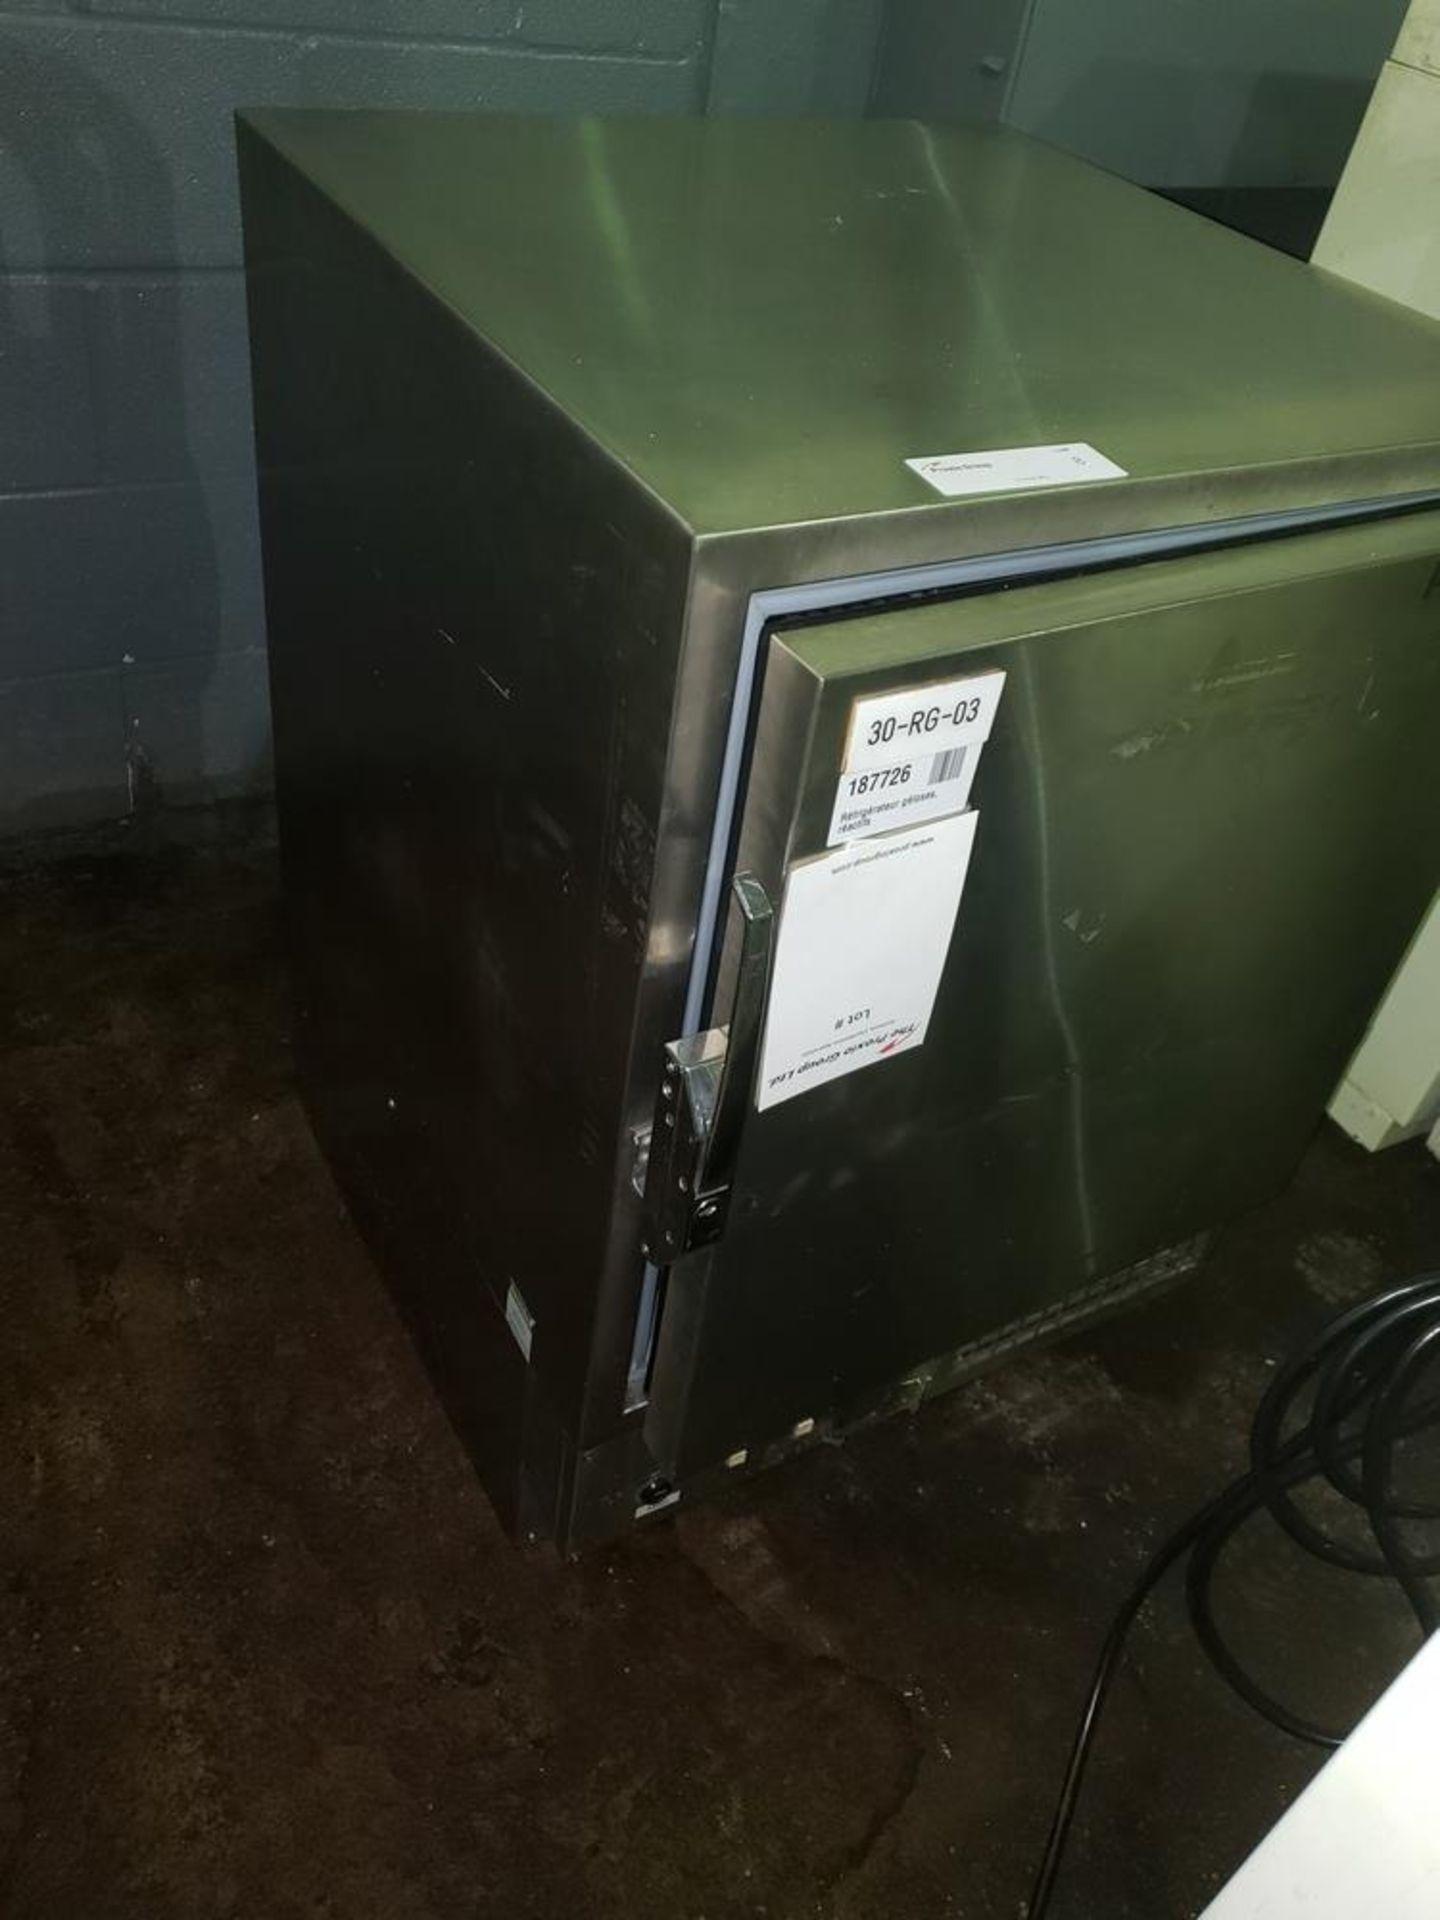 Lot 8 - Revco refrigerator/freezer, S/S interior, with 2 shelves, model REL504A14